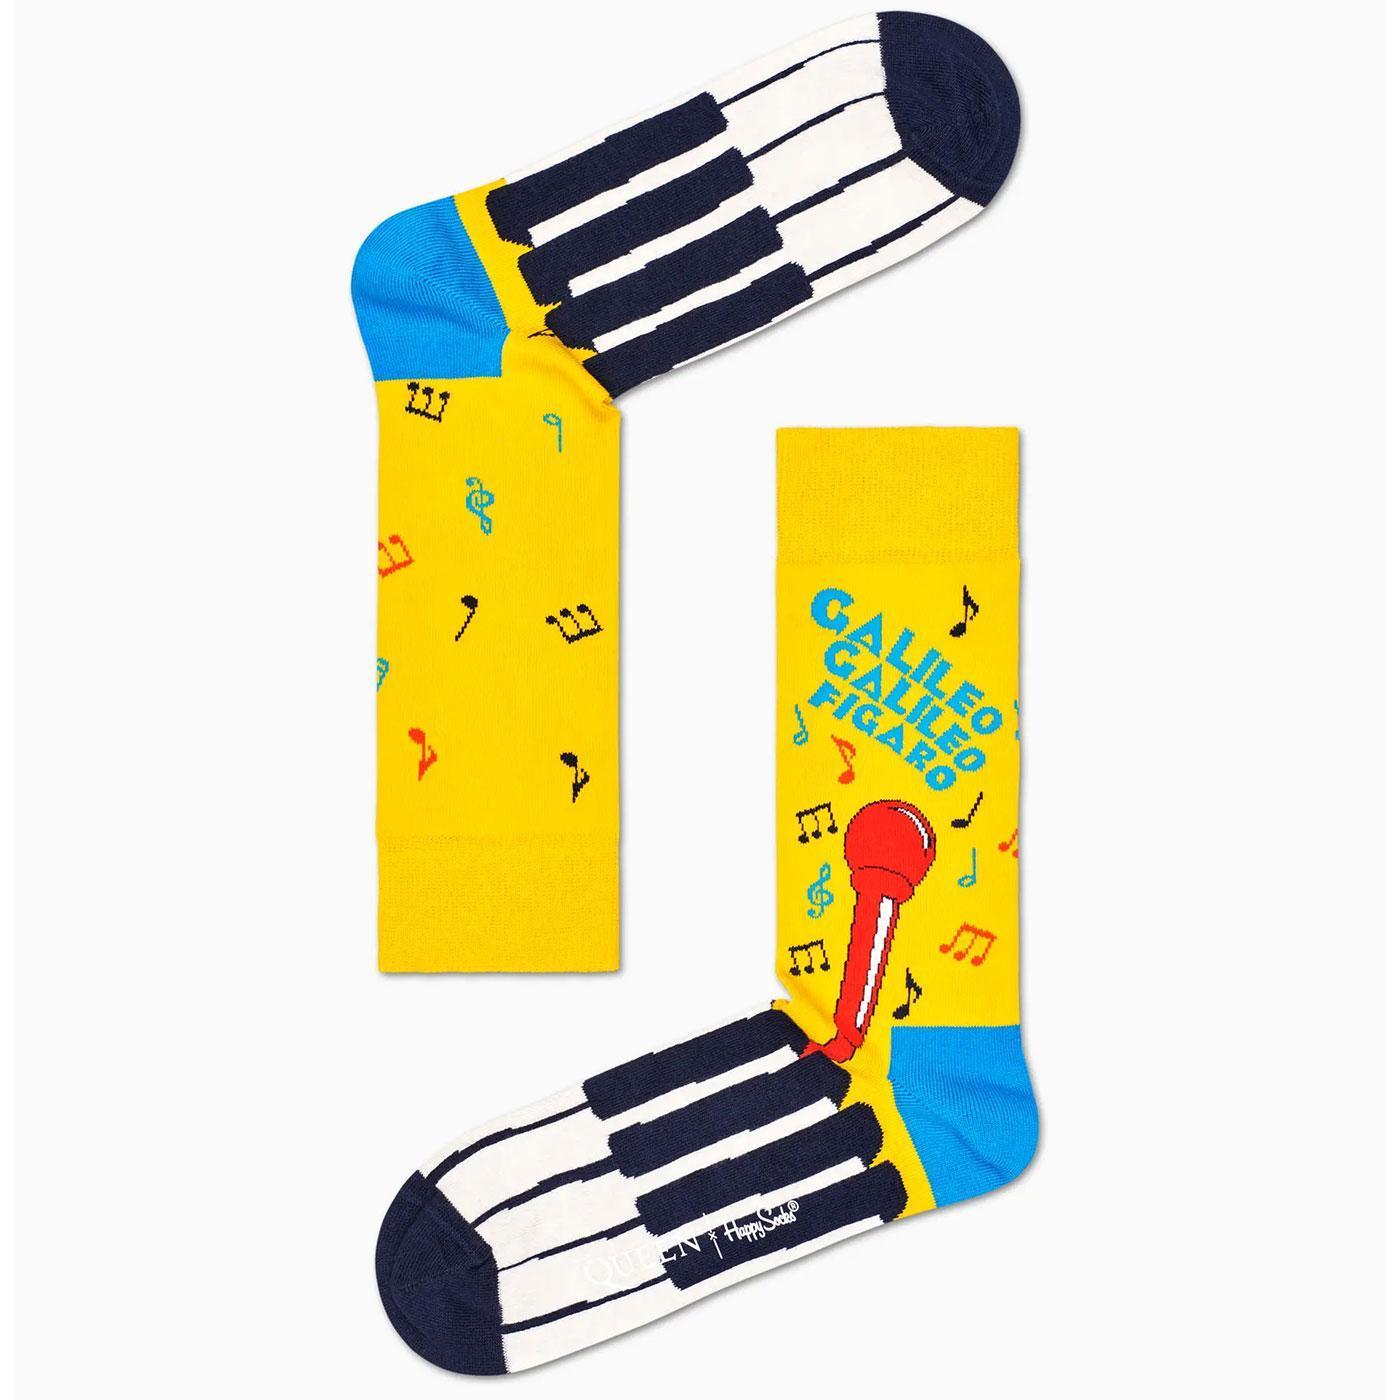 + HAPPY SOCKS X QUEEN Bohemian Rhapsody Socks